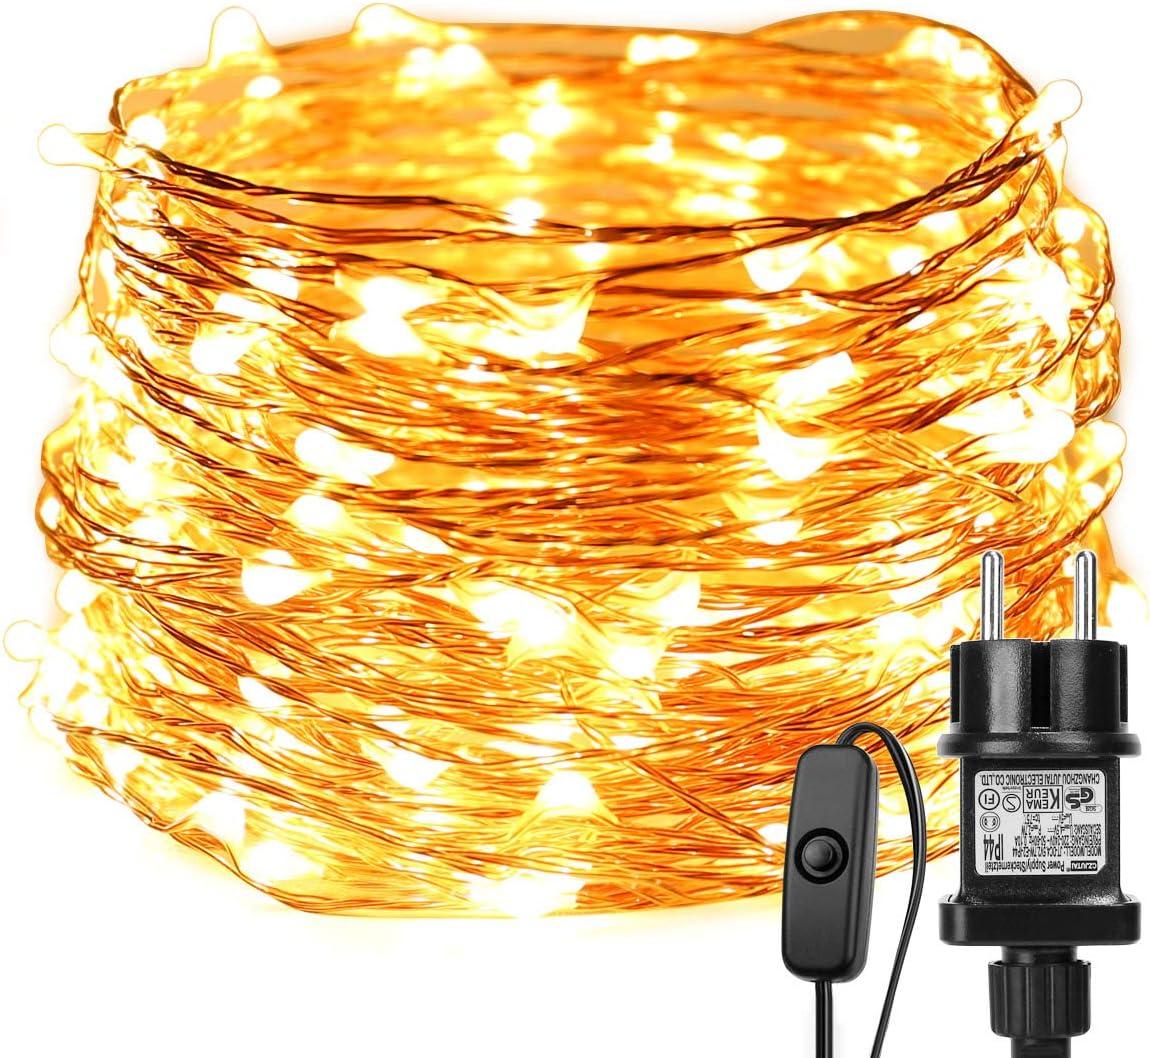 15 x 20 LEDs Guirlande lumineuse Blanc Chaud Dioxide 2M bande lumi/ère Li/ège Lampes pour DIY Maison Decoration Mariage Soir/ée